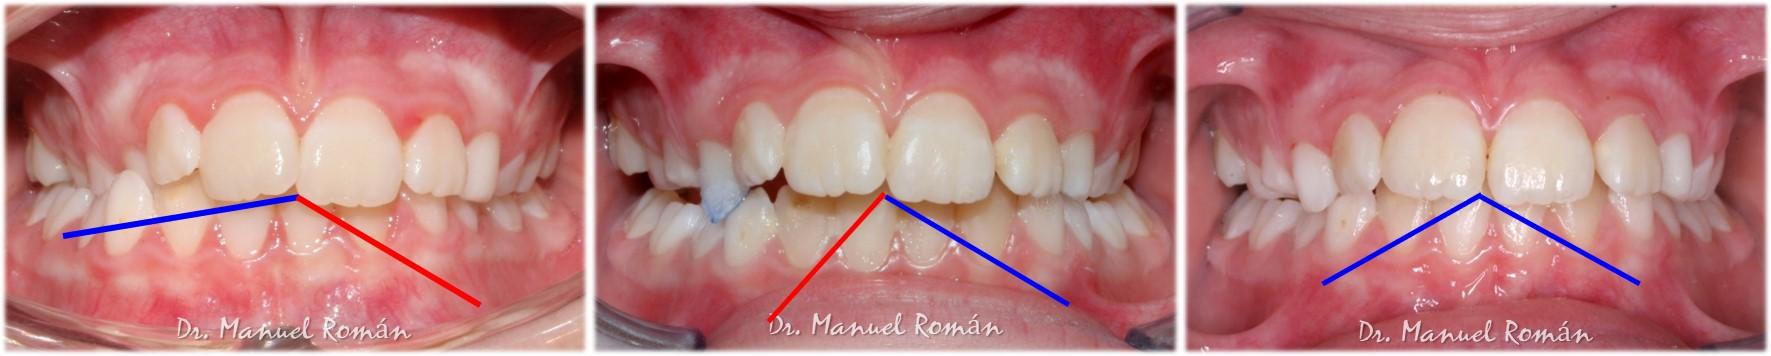 Dinamica mandibular ortodoncia